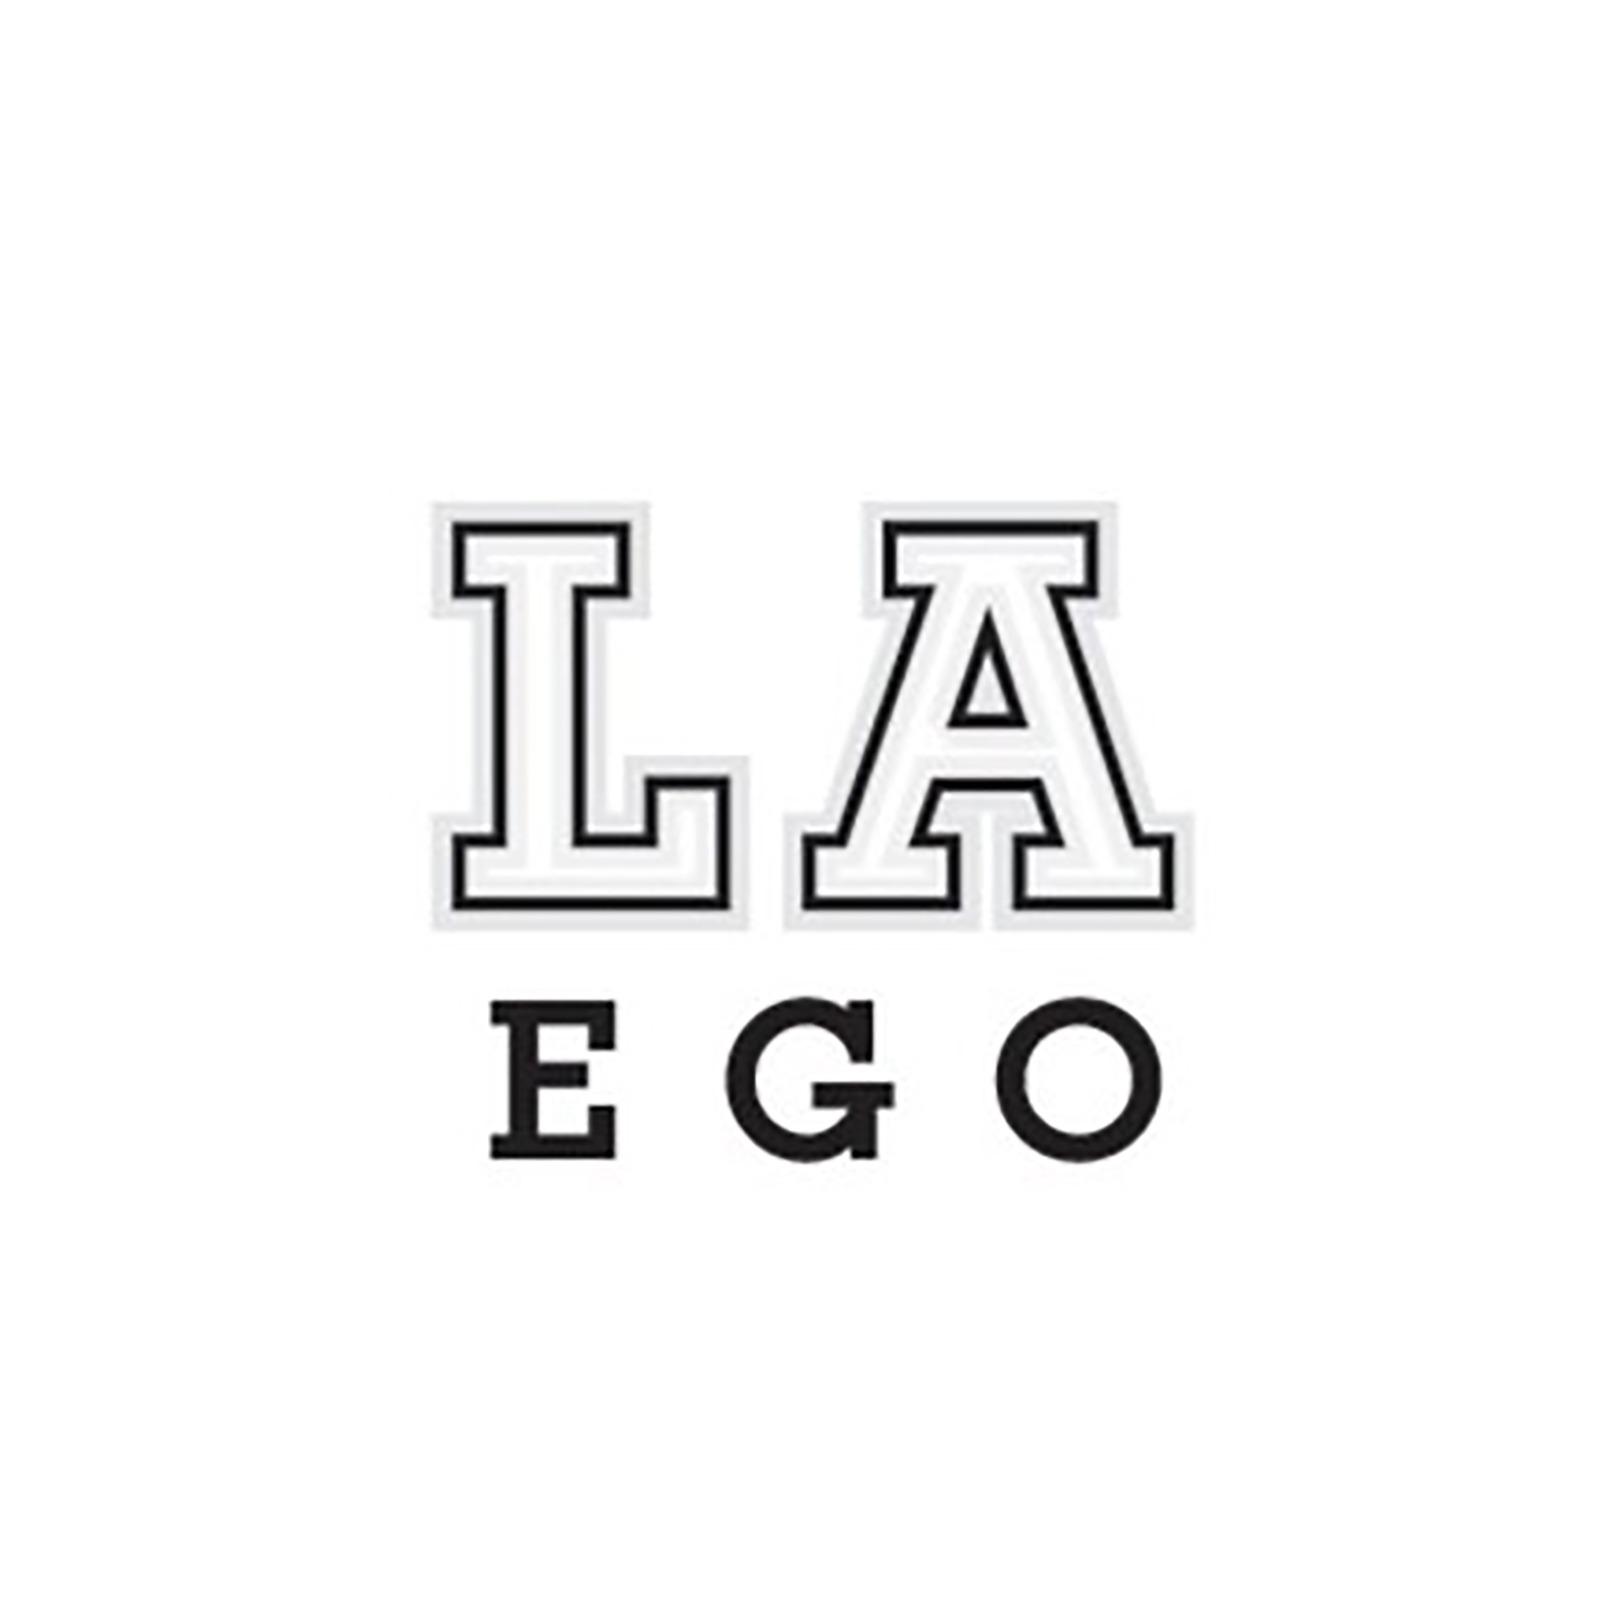 LA ego